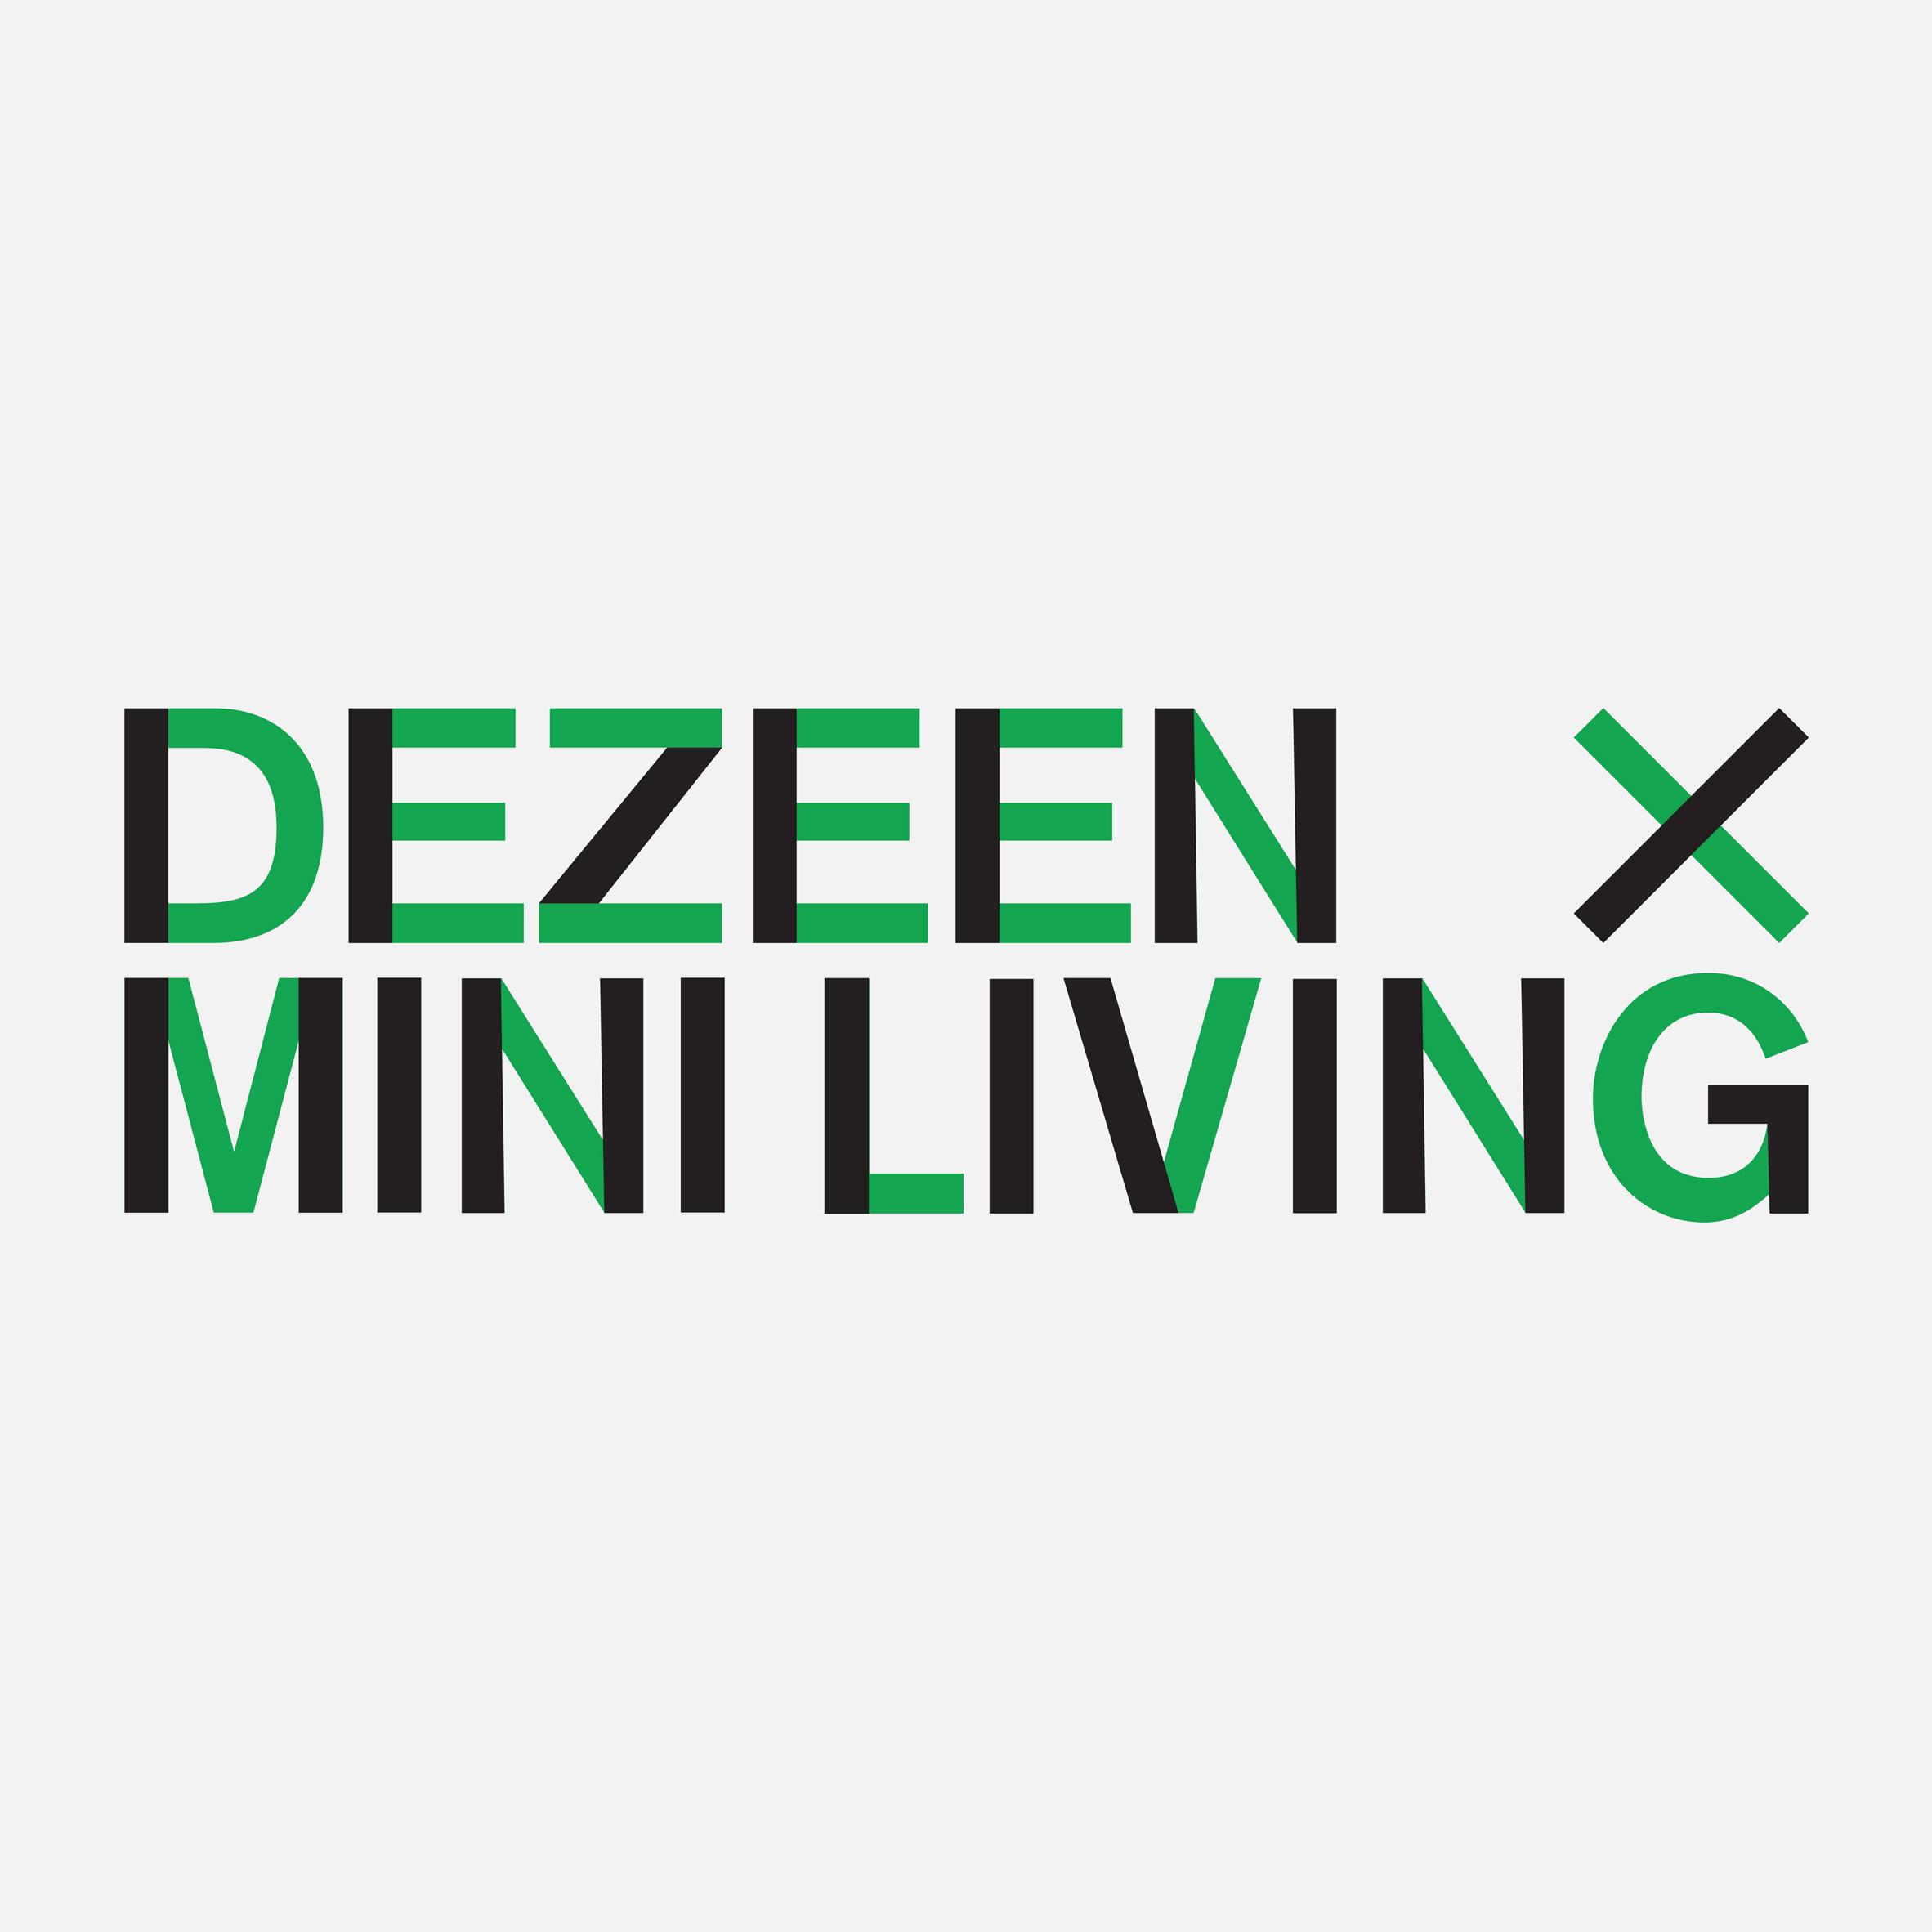 Dezeen x MINI Living Initiative logo